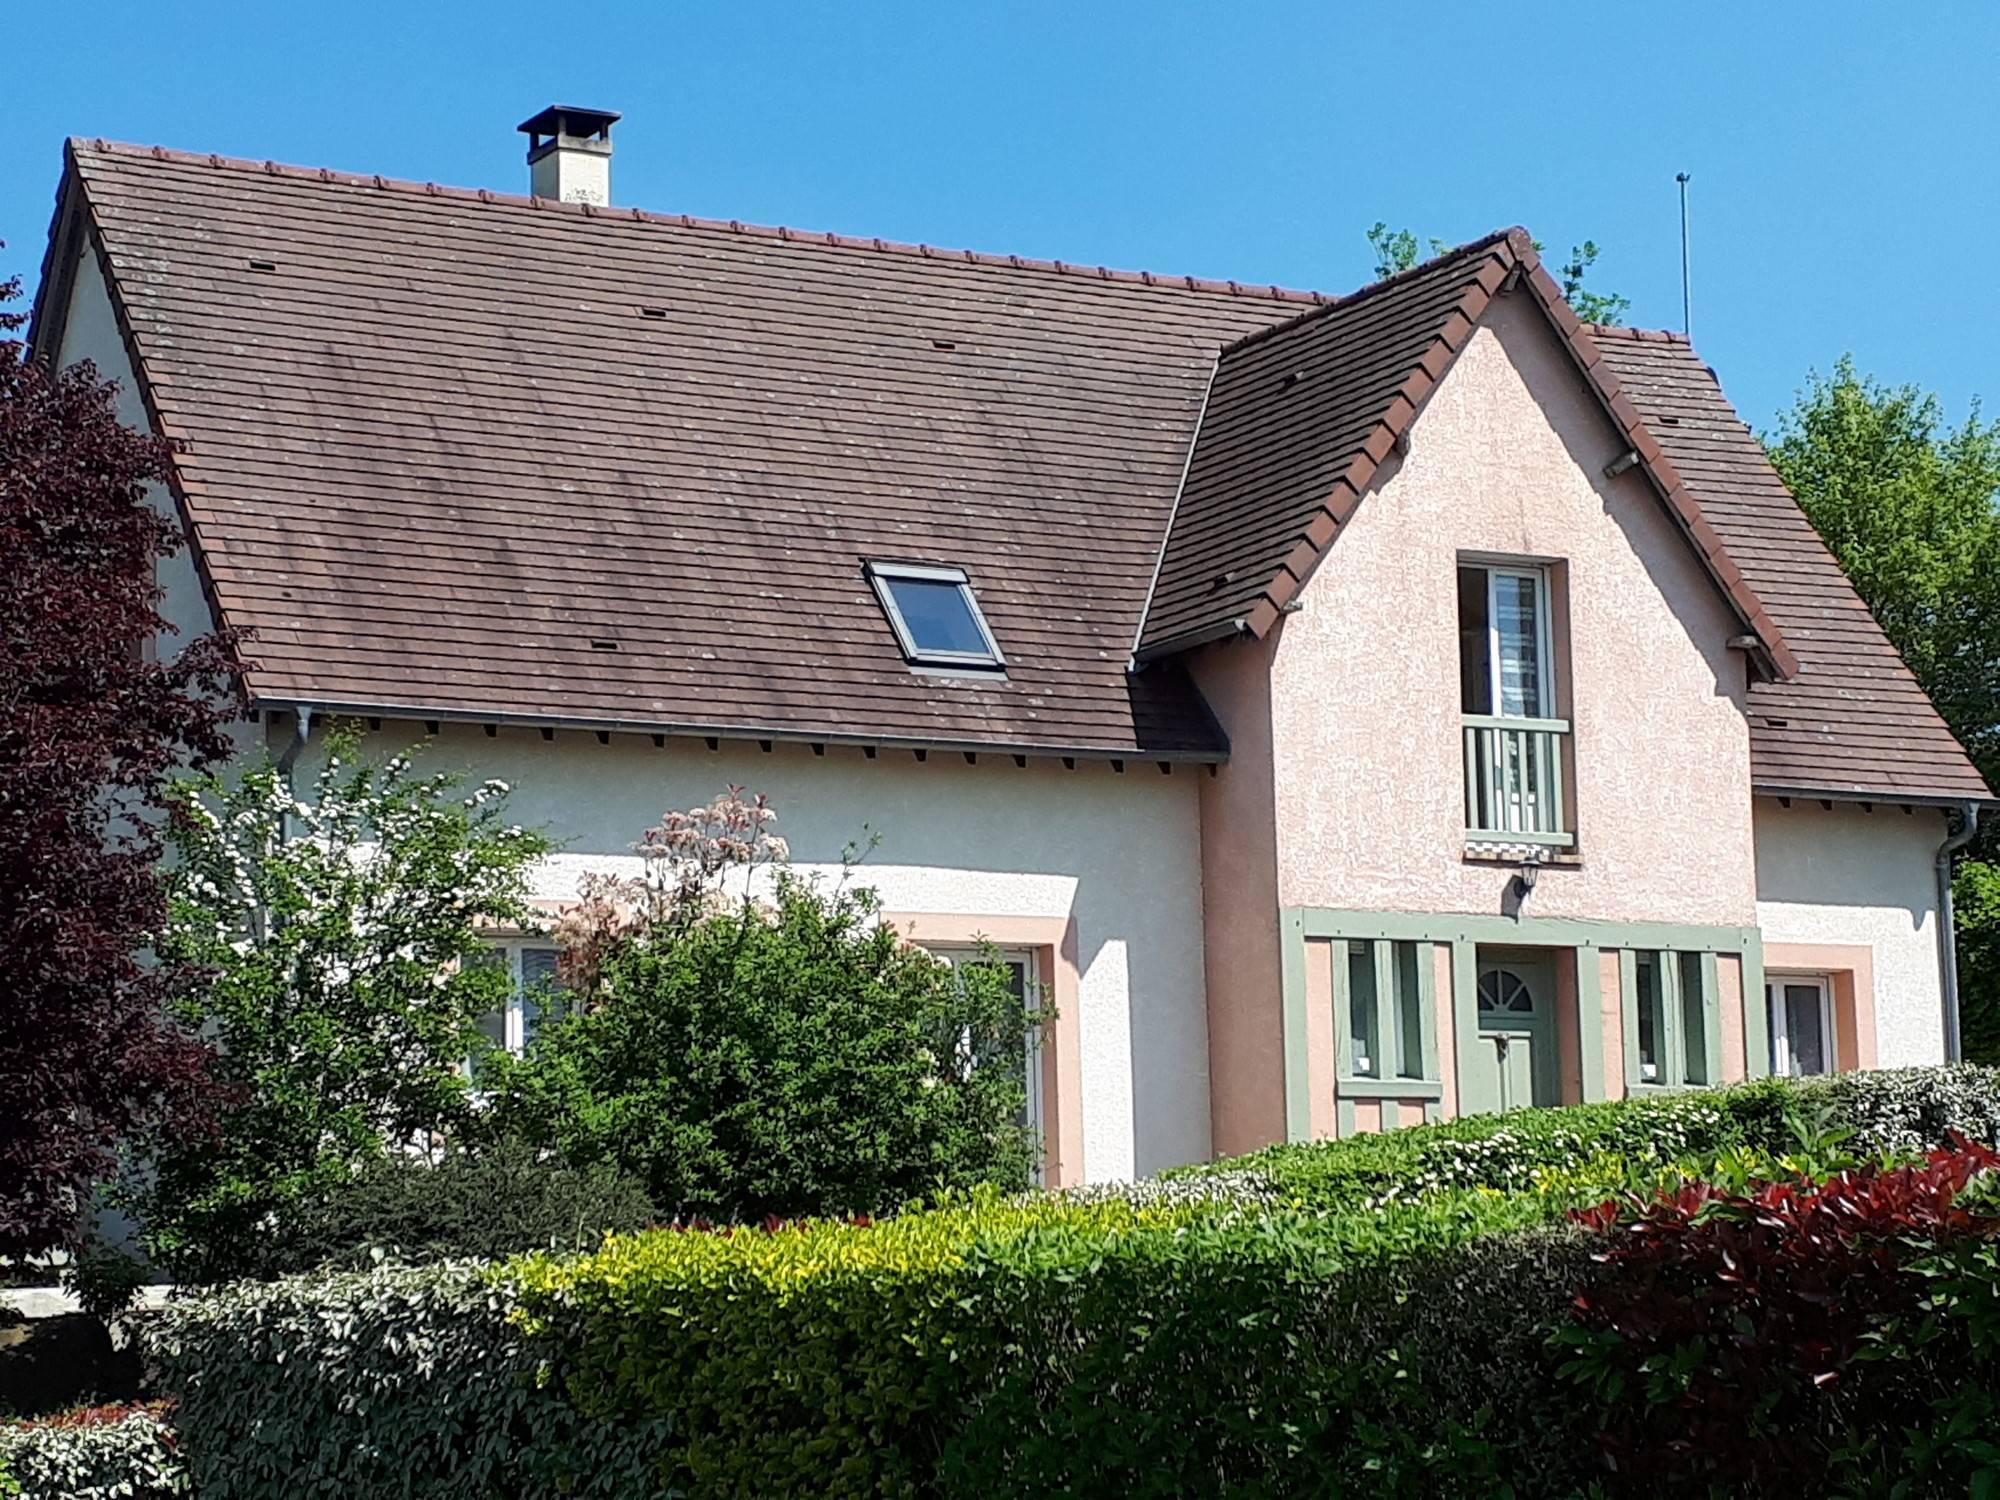 Maison contemporaine r gion cormeilles eure 27260 terres for Maison moderne normandie